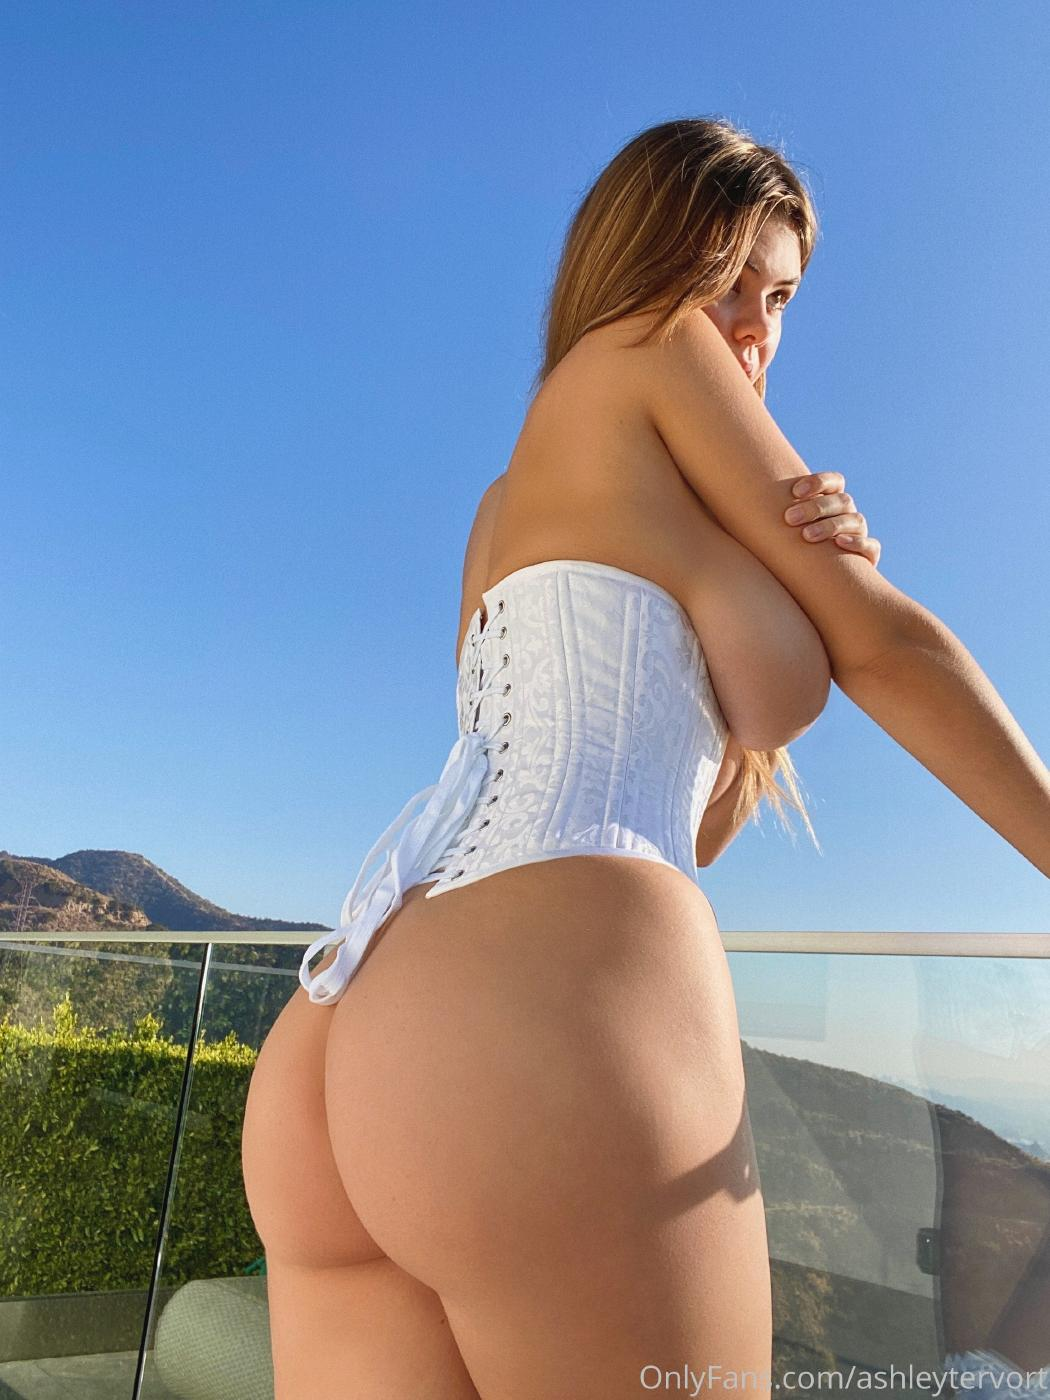 Ashley Tervort Topless Corset Onlyfans Set Leaked 0007